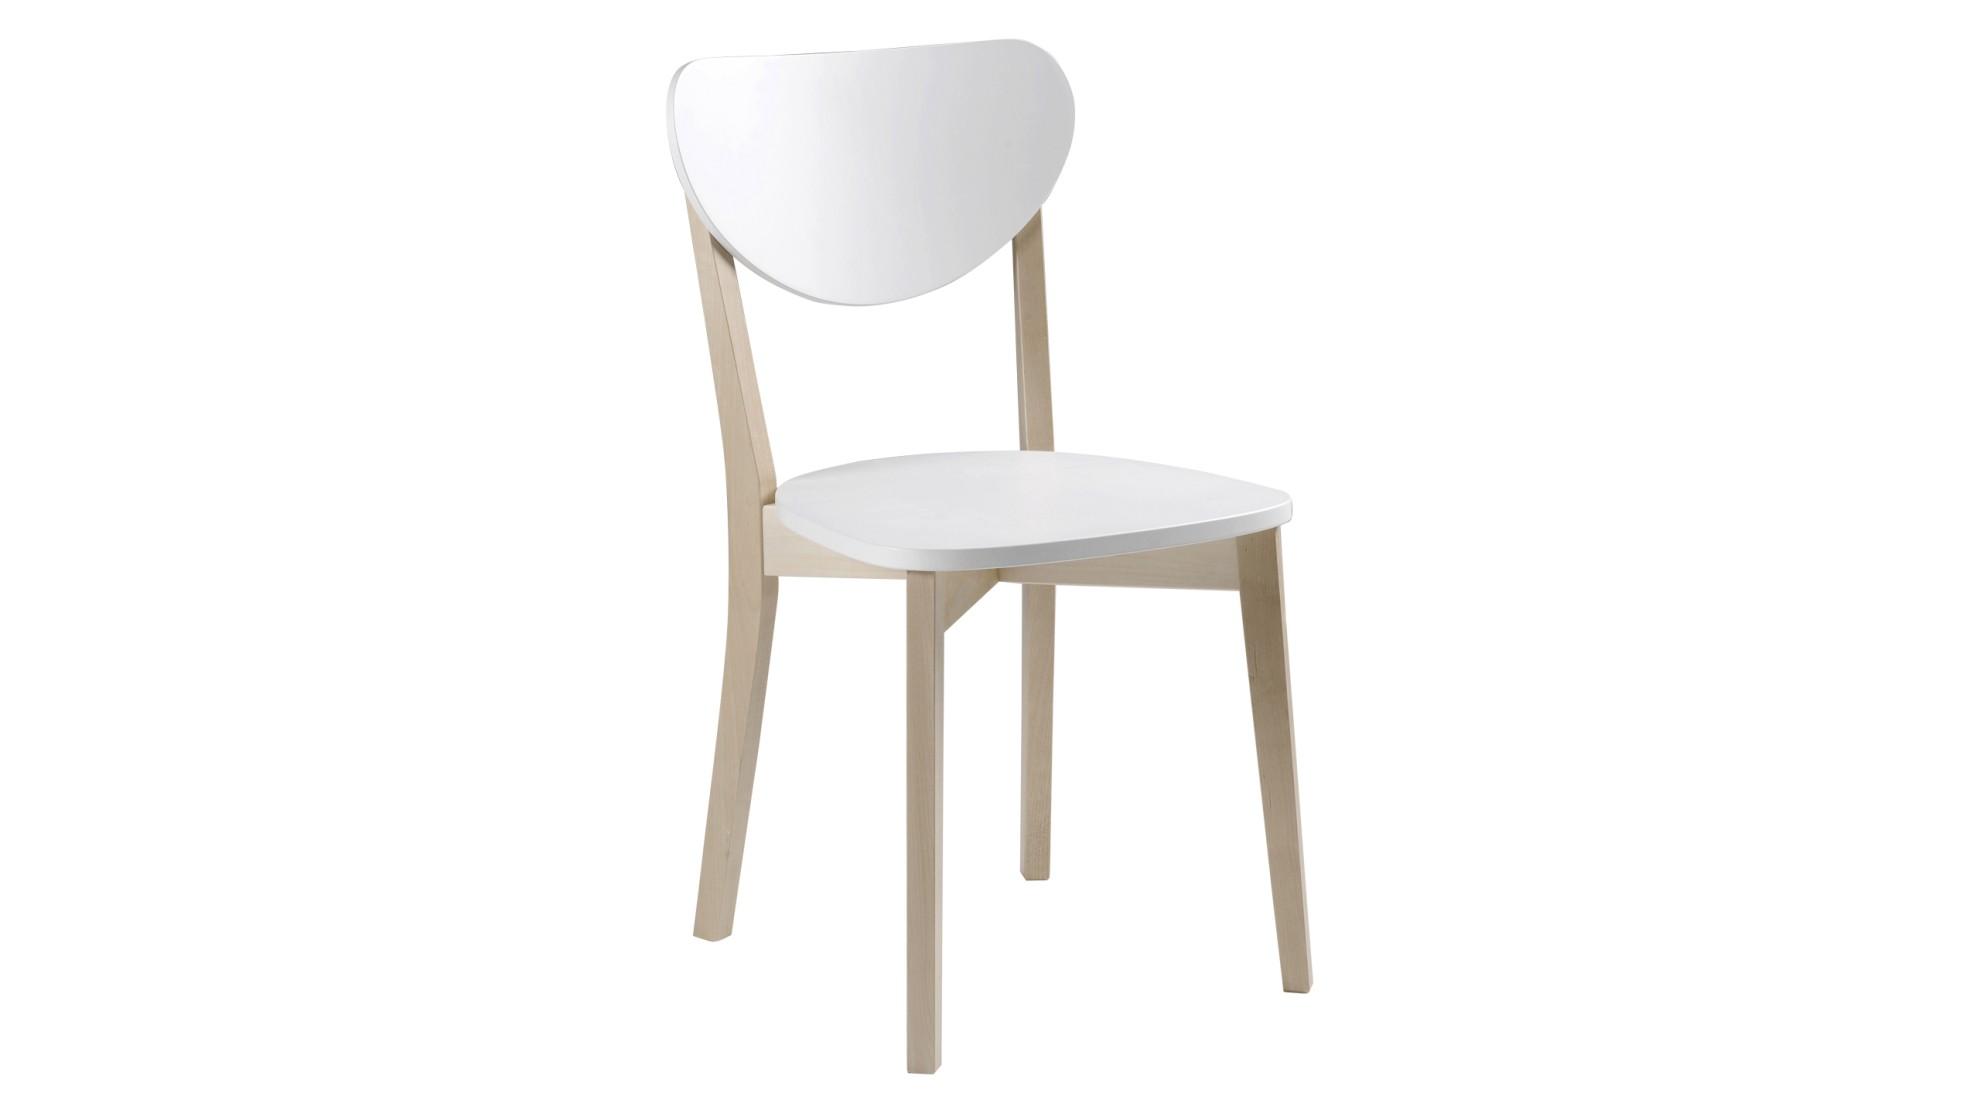 JADE tuoli (valkoinen koivu lv)  Ruokatuolit  Sotka